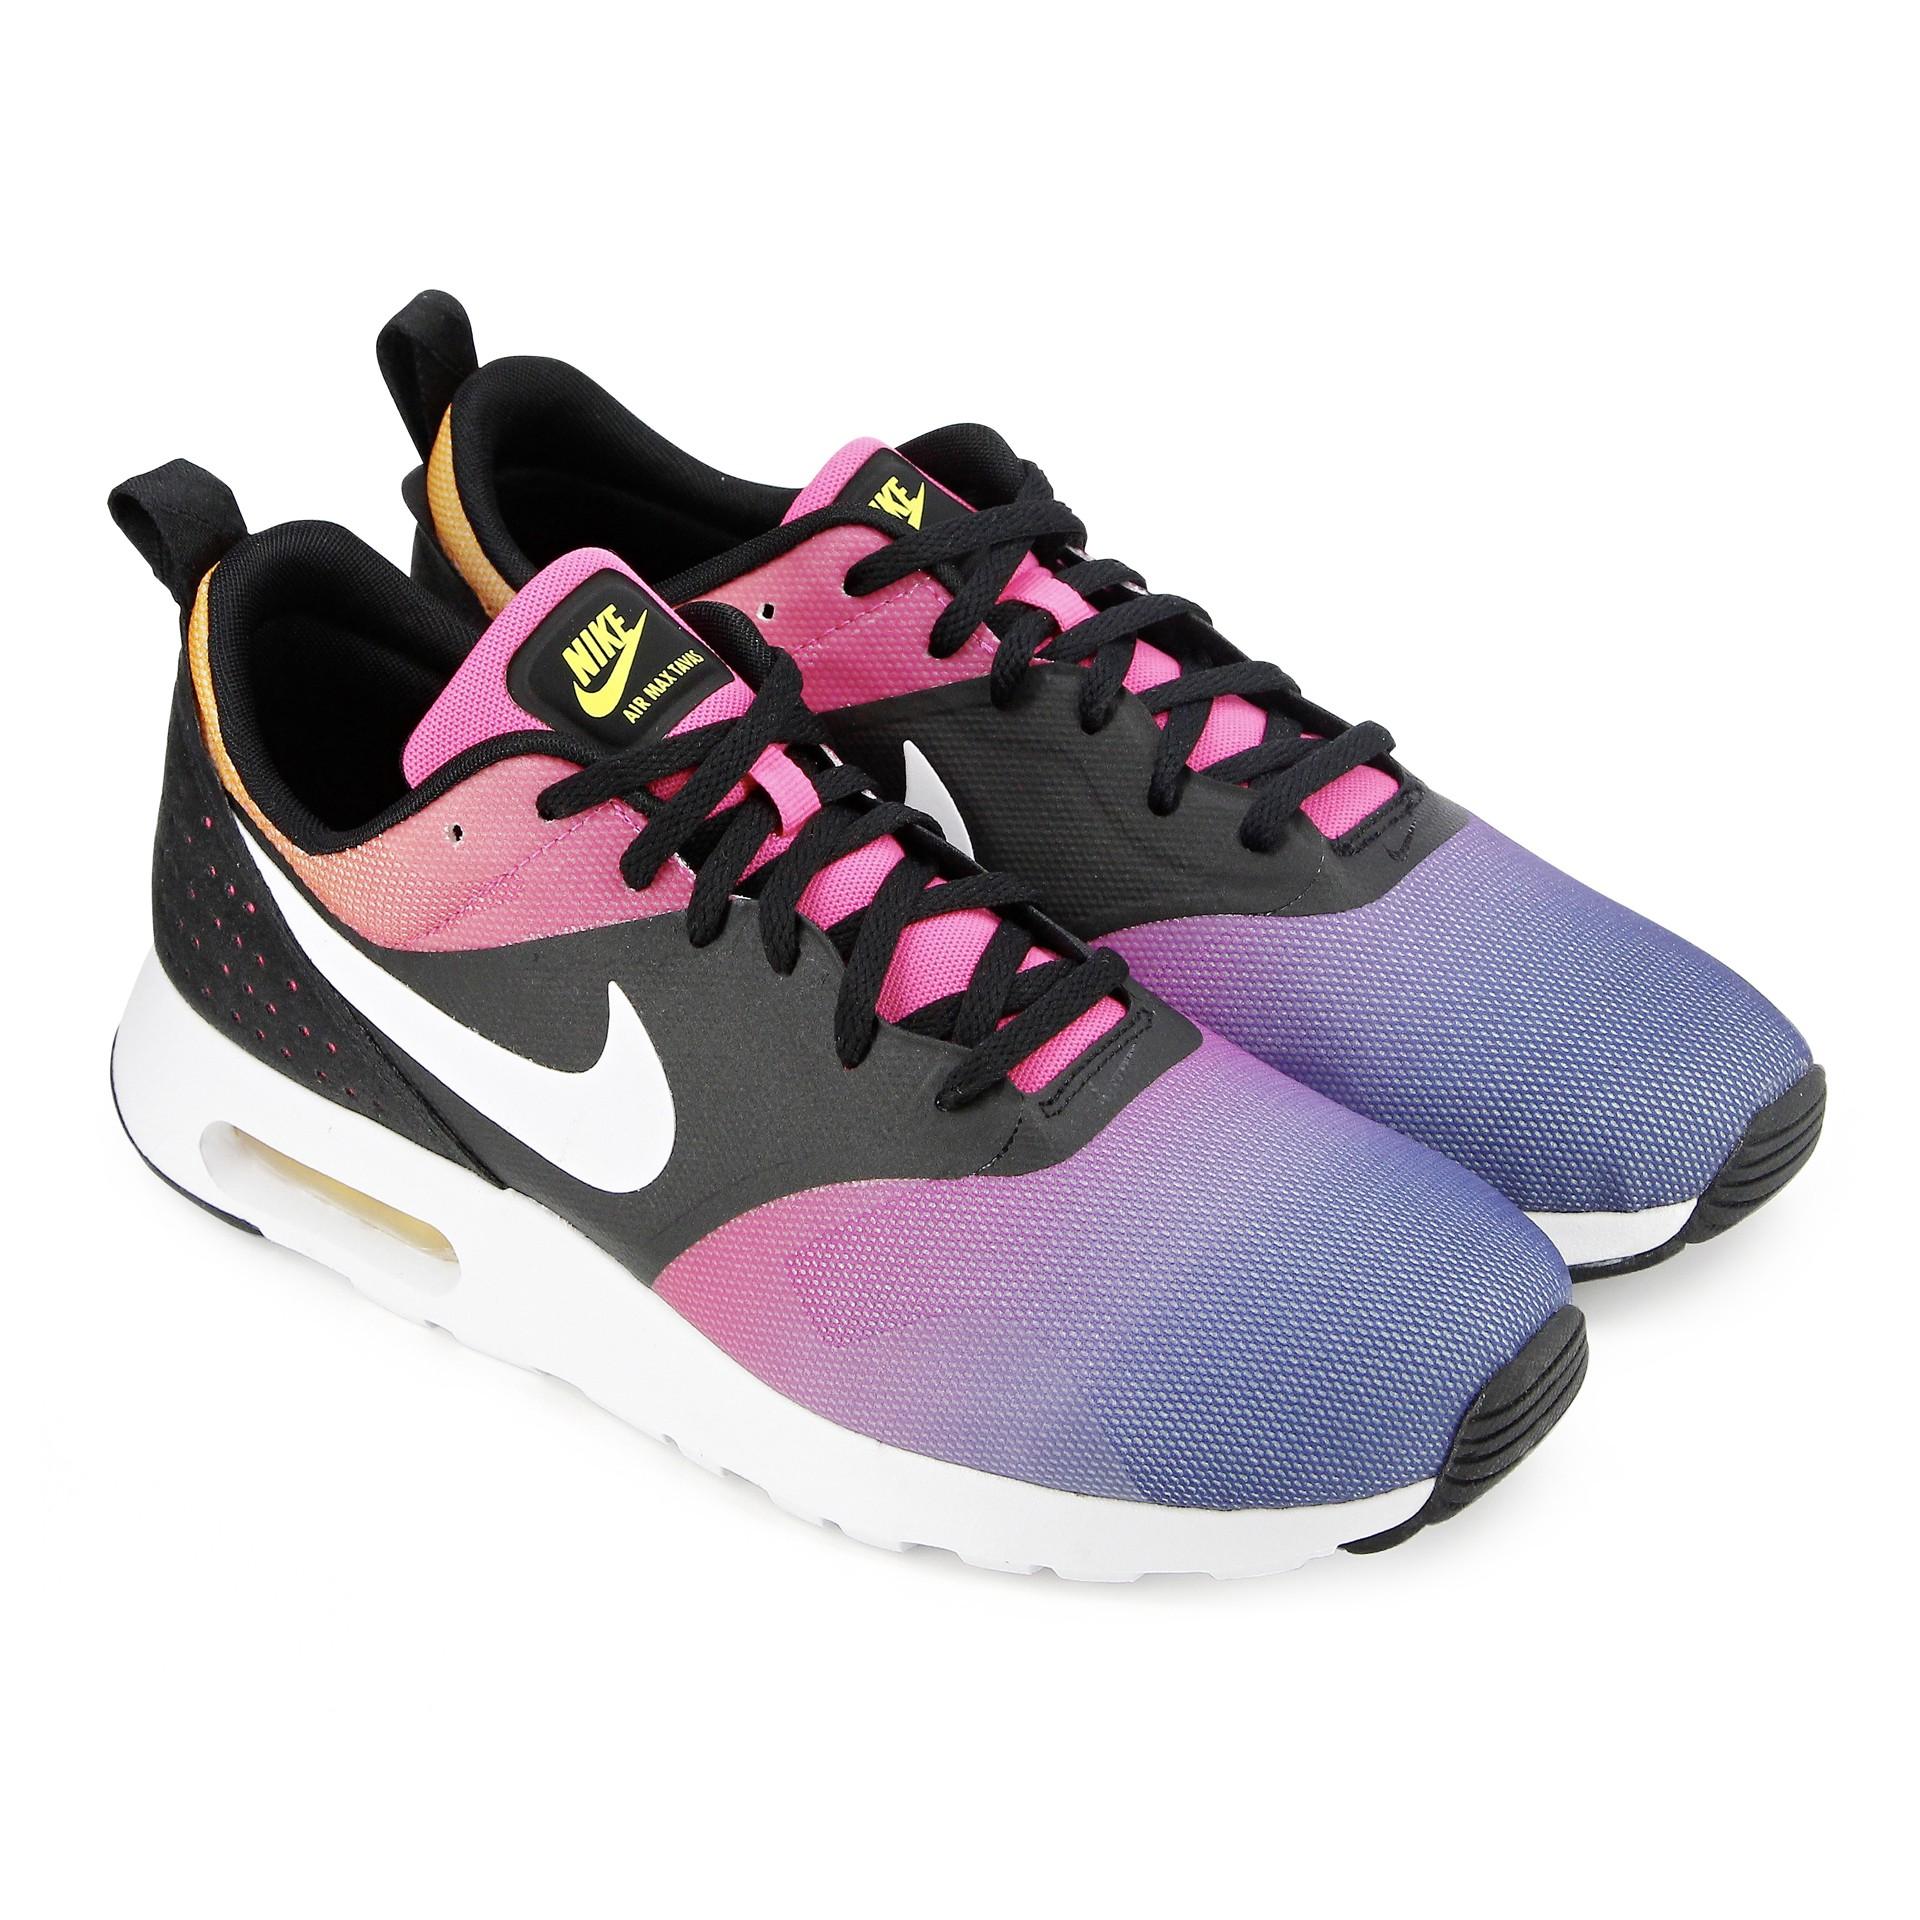 finest selection e4db5 21ba6 Nouveau Nike Air Max Tavas Femme Pas Cher Jing024